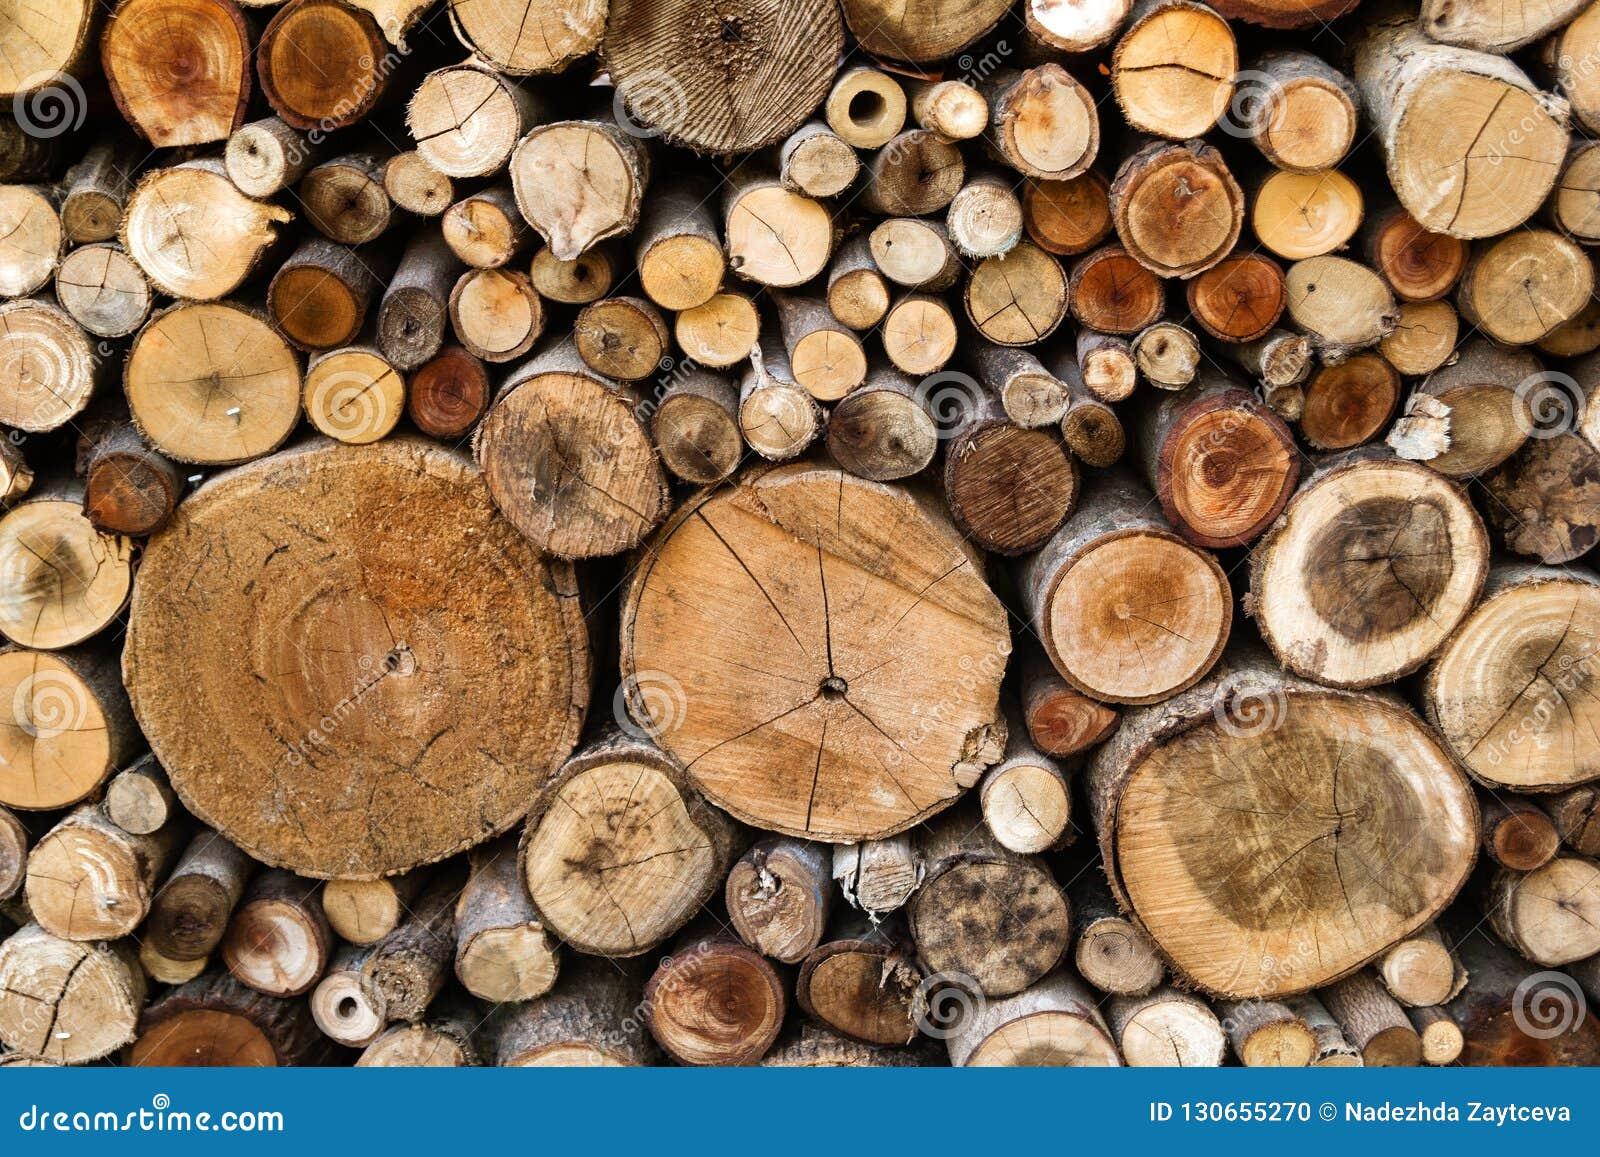 Ściana od suchych siekać łupek bel brogować w górę each inny w stosie na górze struktura zbliżony do drewnianego